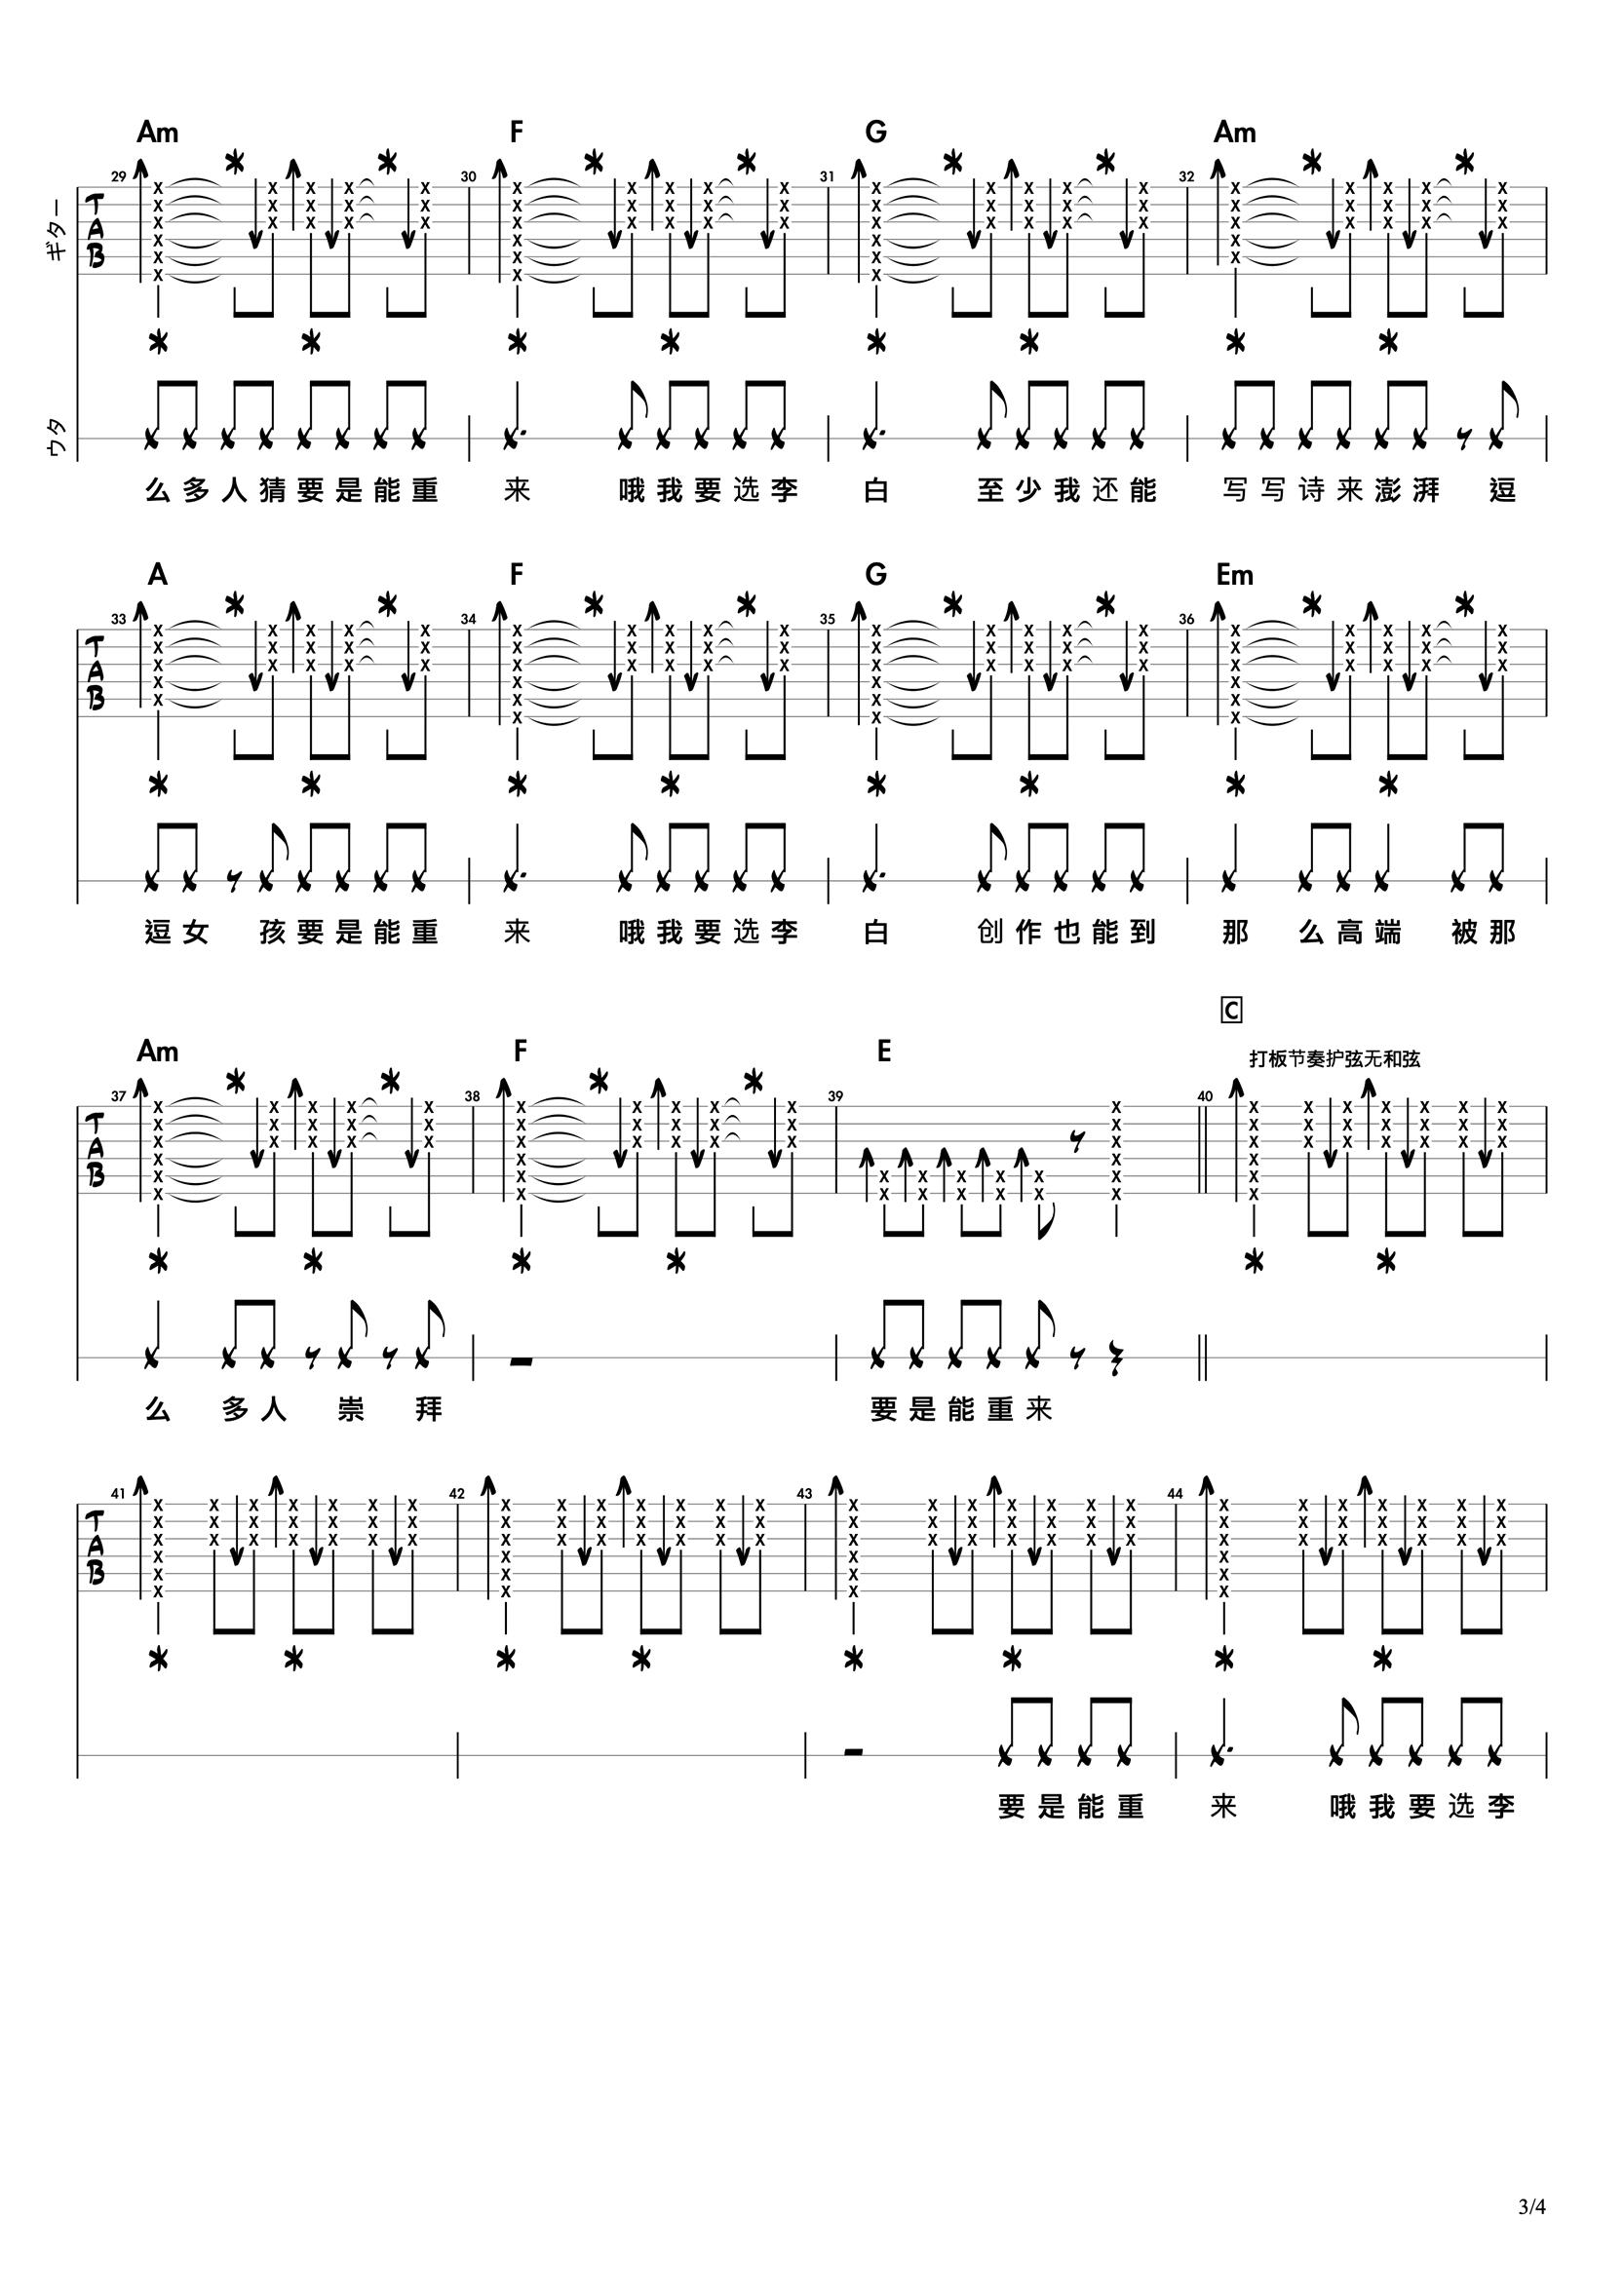 李荣浩-李白吉他谱-3